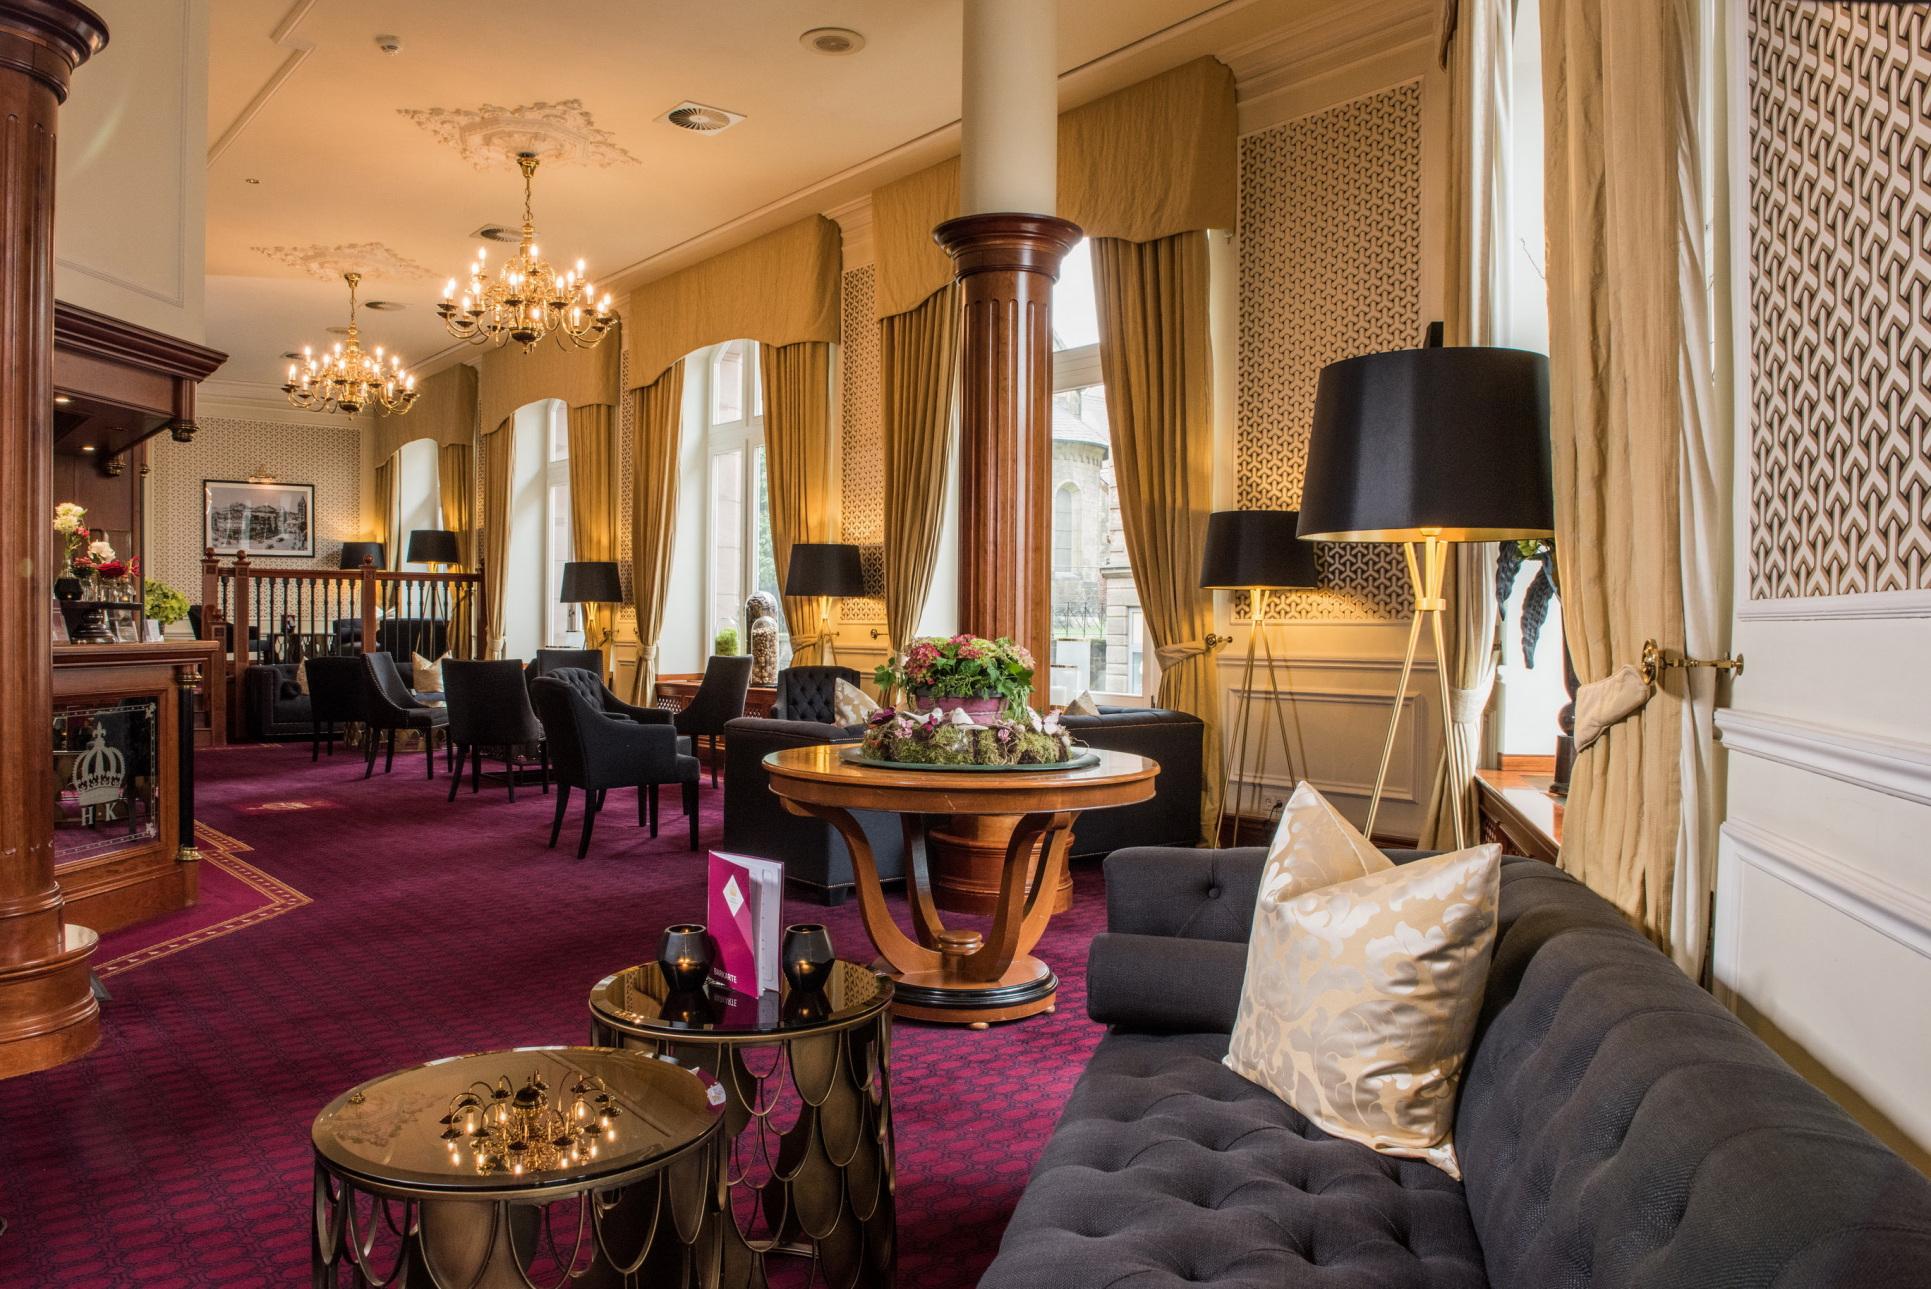 #Zuversicht: Kaiserhof und Glockenhof (im Bild: die Lobby des Kaiserhofs mit dunkel gehaltenen Möbeln, rotem Teppich und hellen Vorhängen)